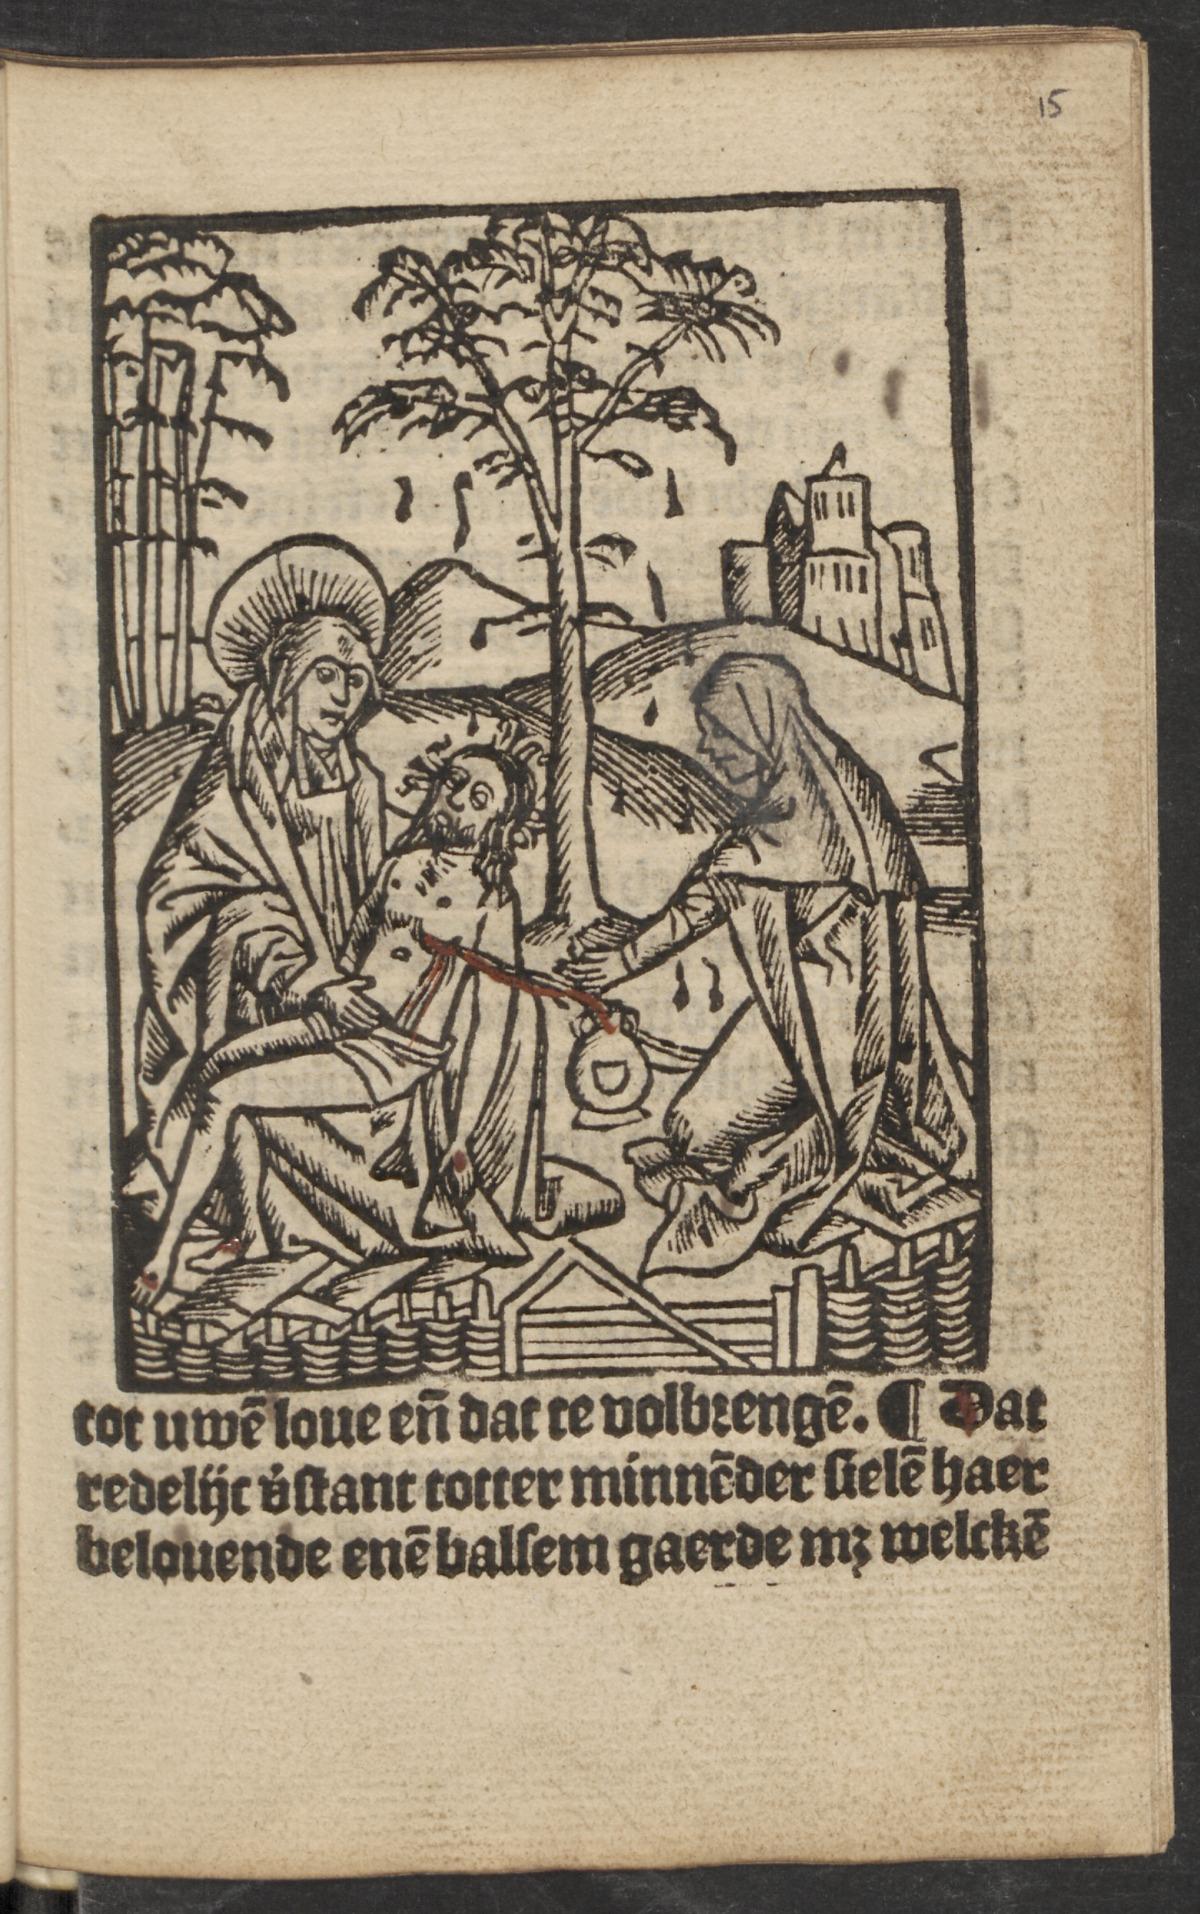 le Christ et l'ame dans le jardin de Gethsemani 1521. Utrecht Univeristy page 33